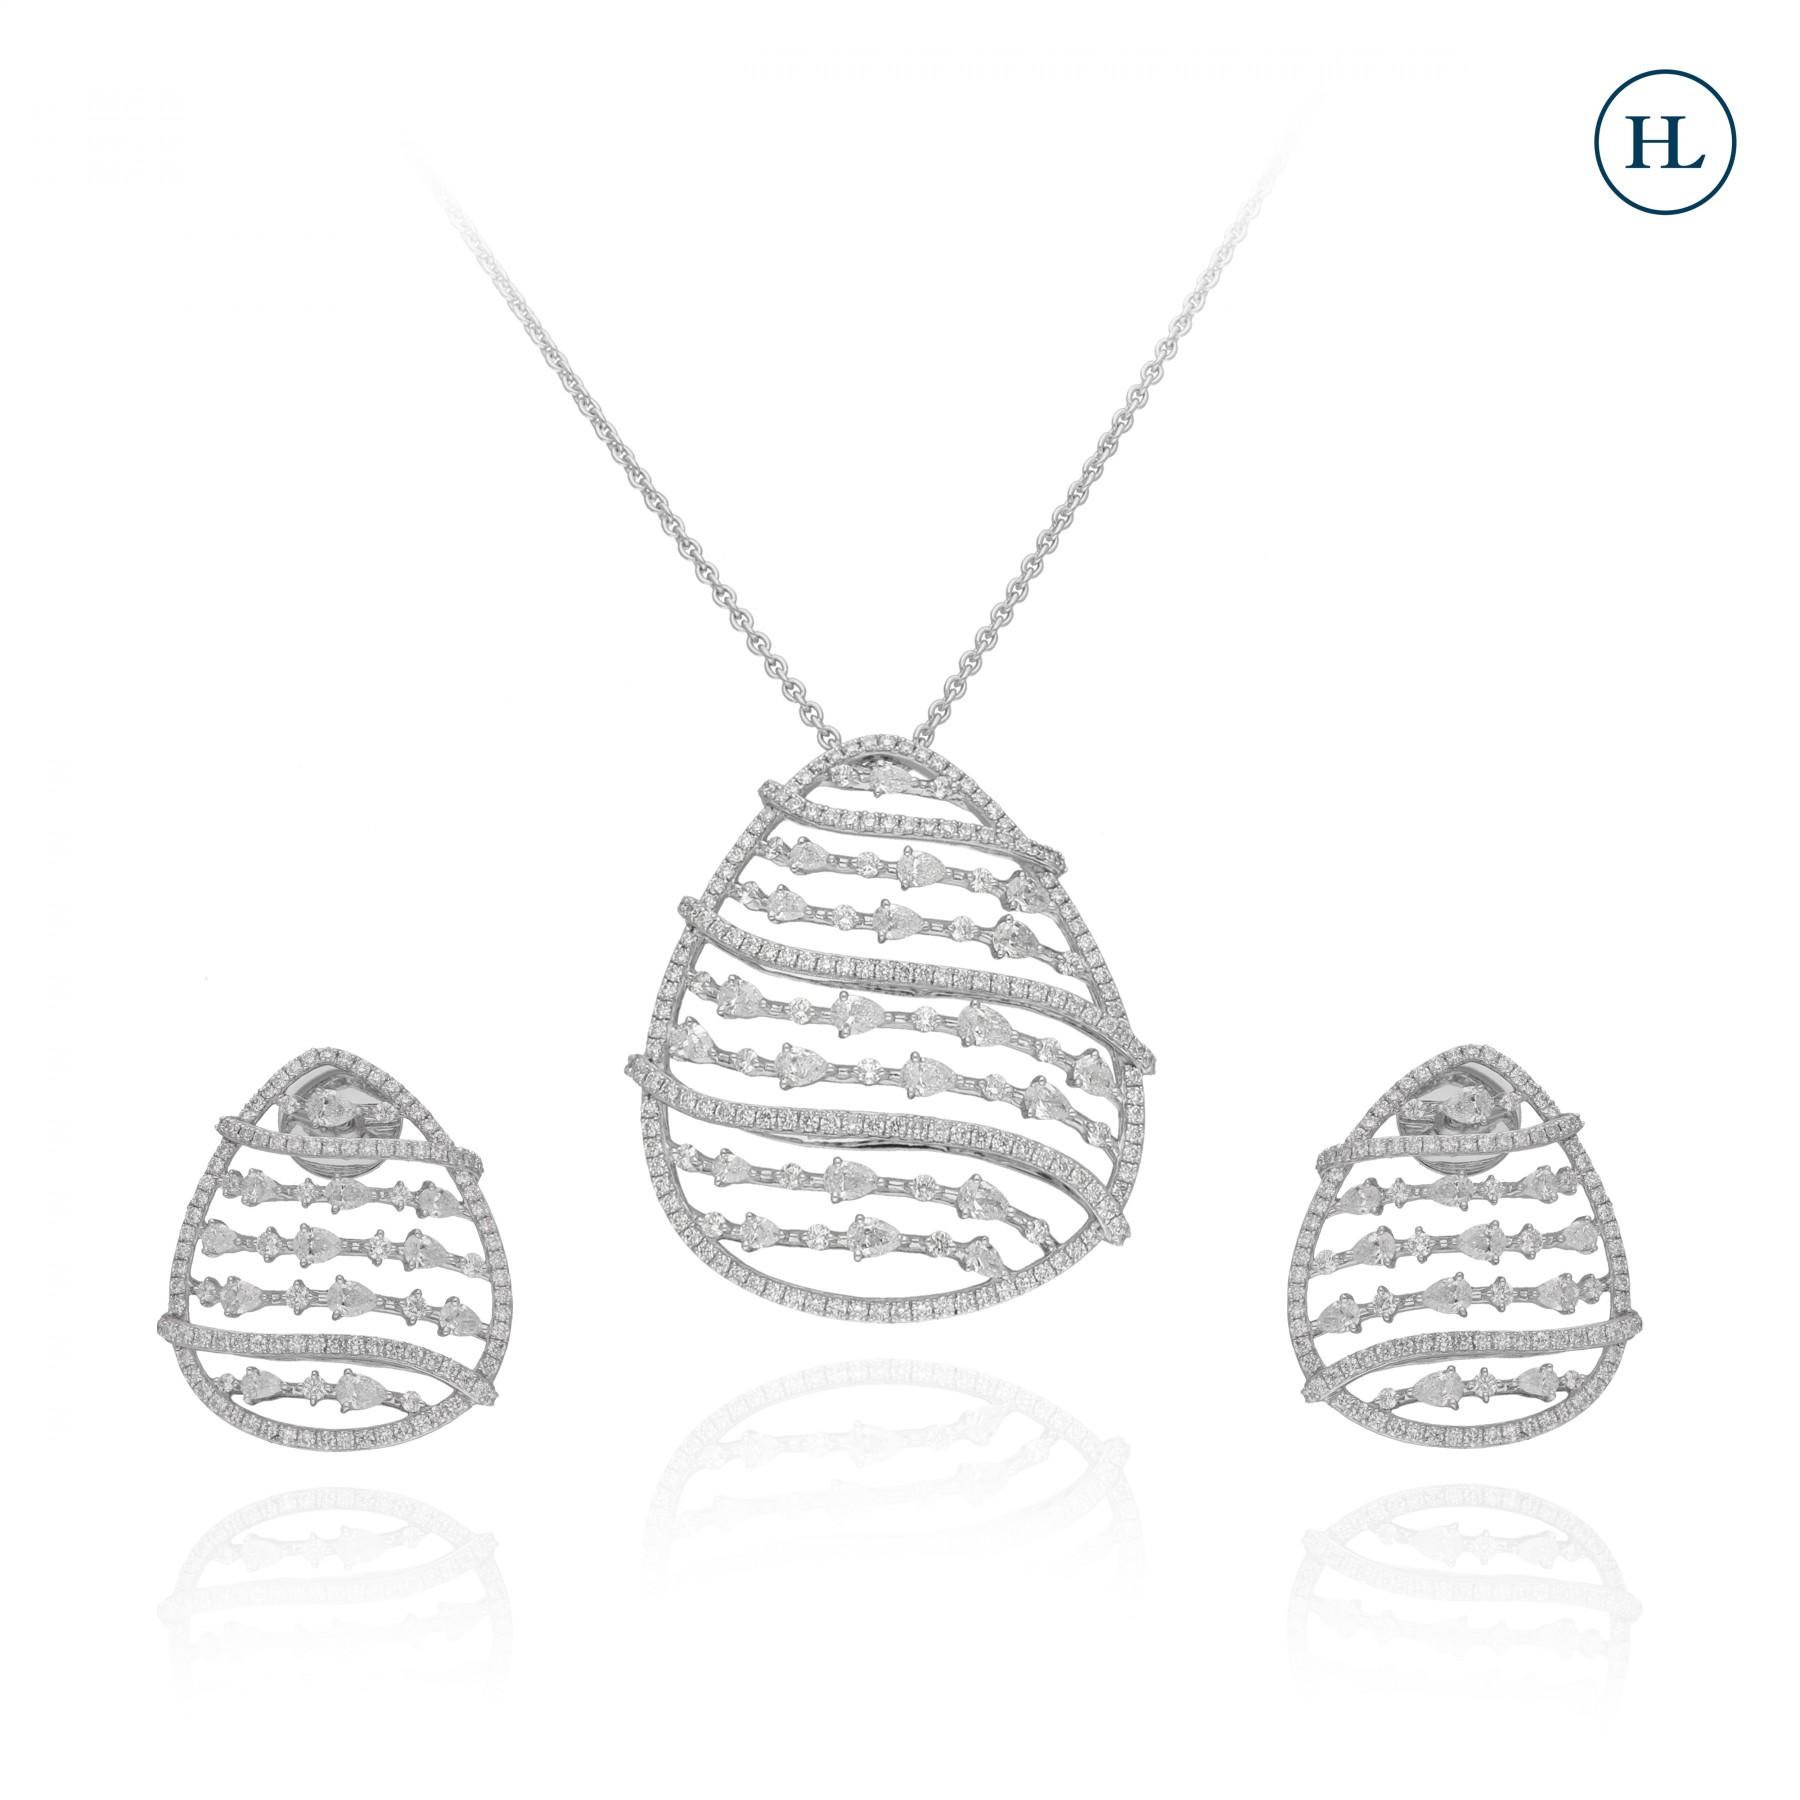 Zigzag Diamond Pendant Set